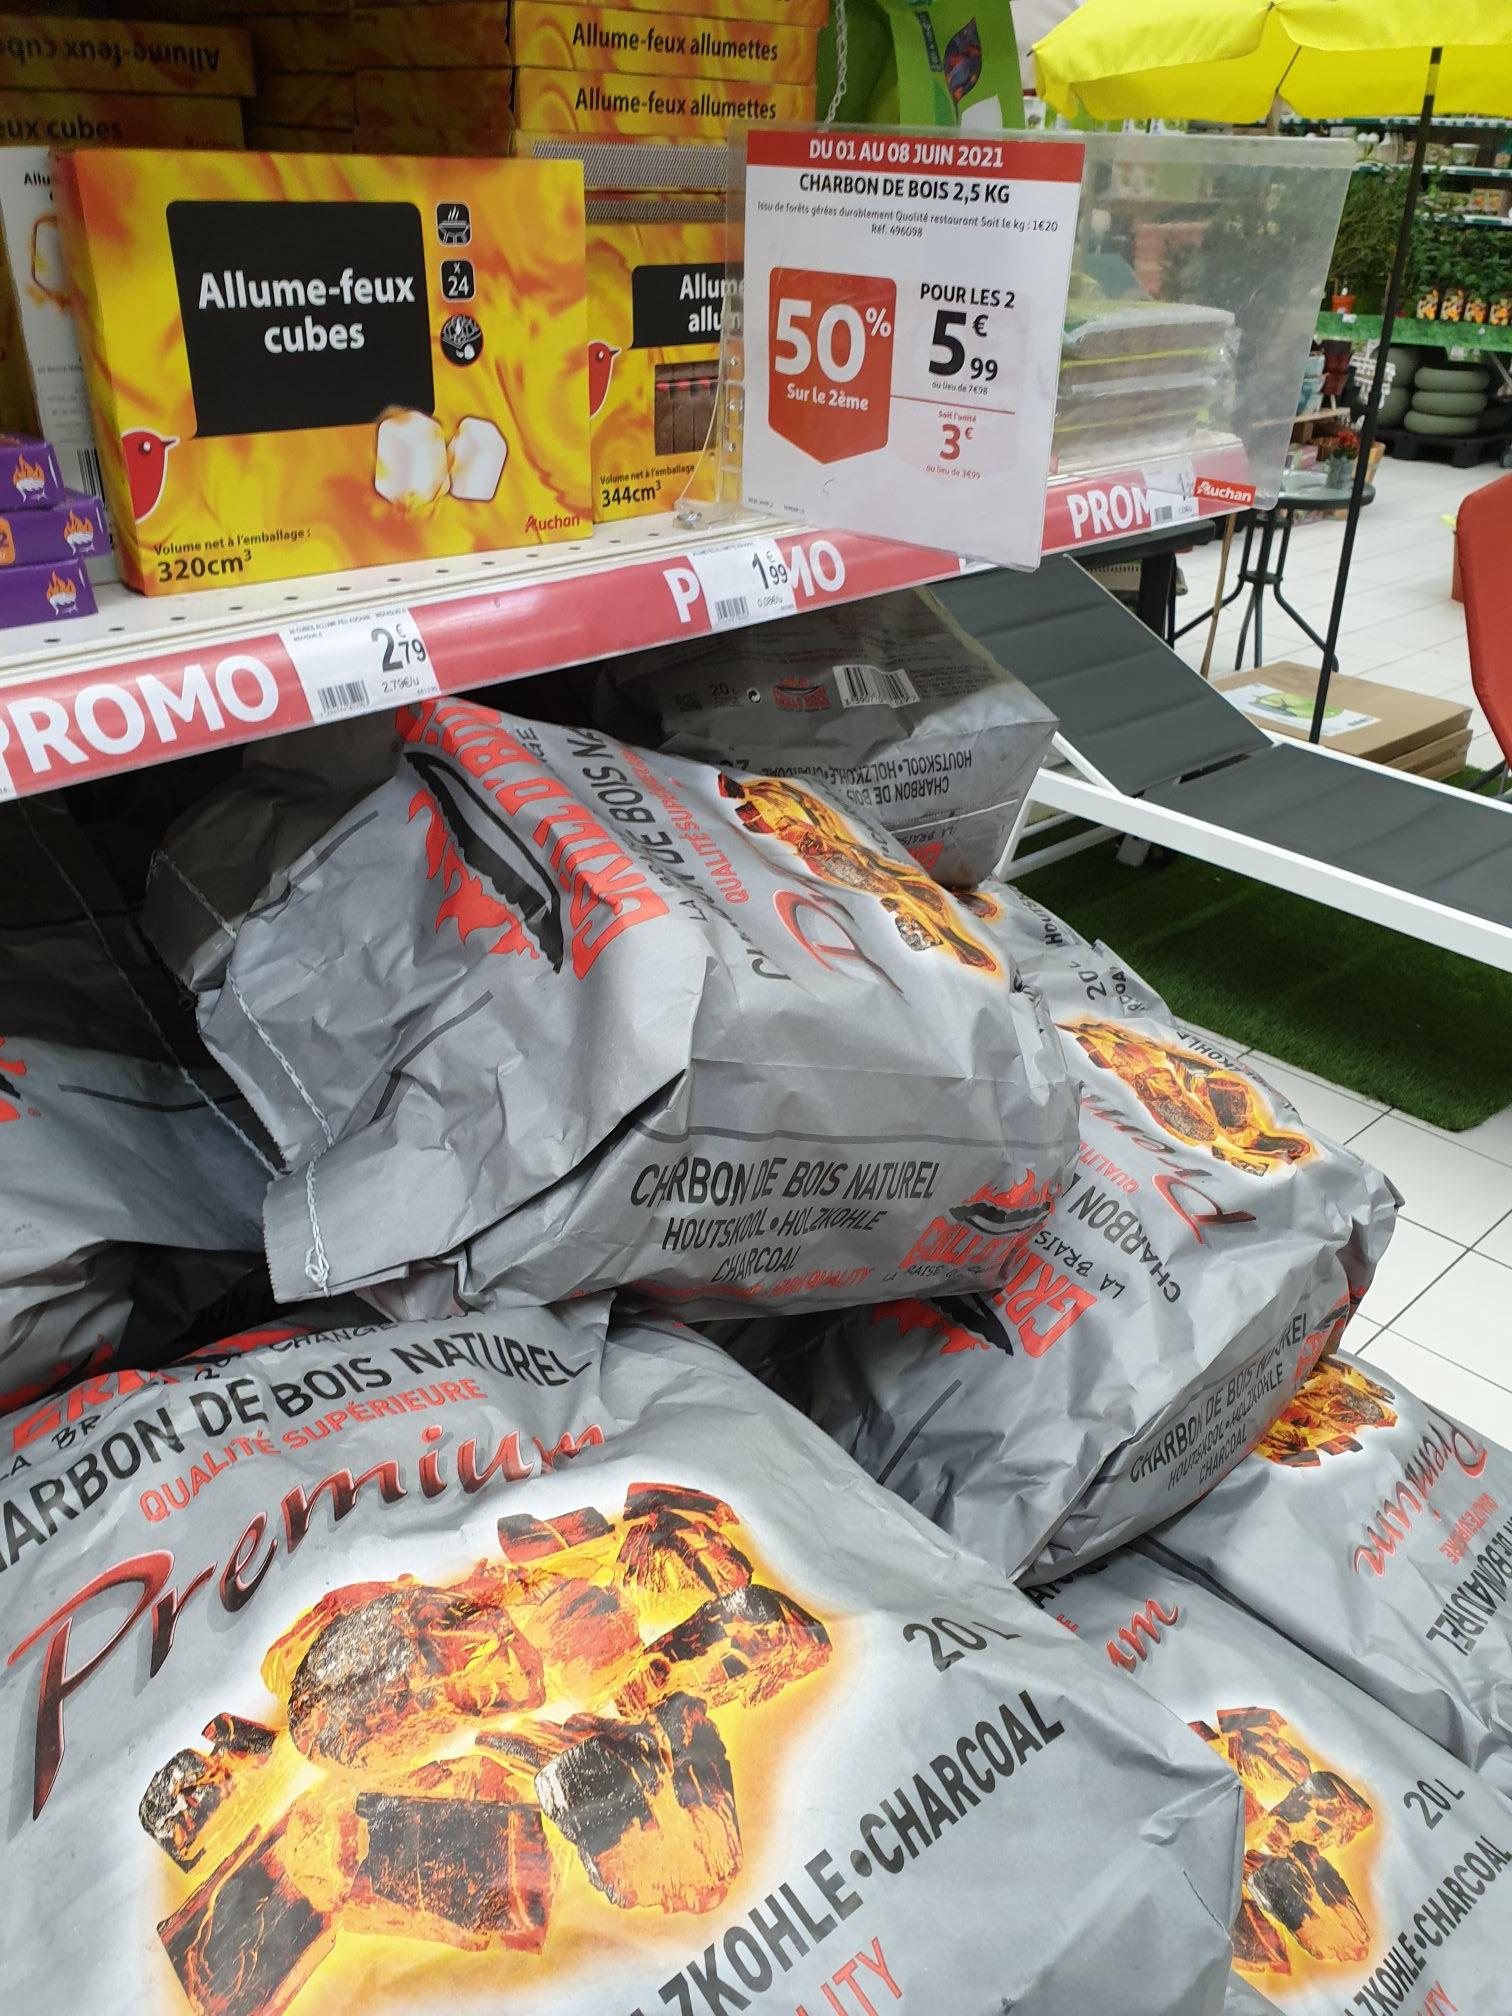 2 sacs de Grill O'Bois Premium charbon de bois naturel (2 x 20L) - Mont Saint Martin (54)